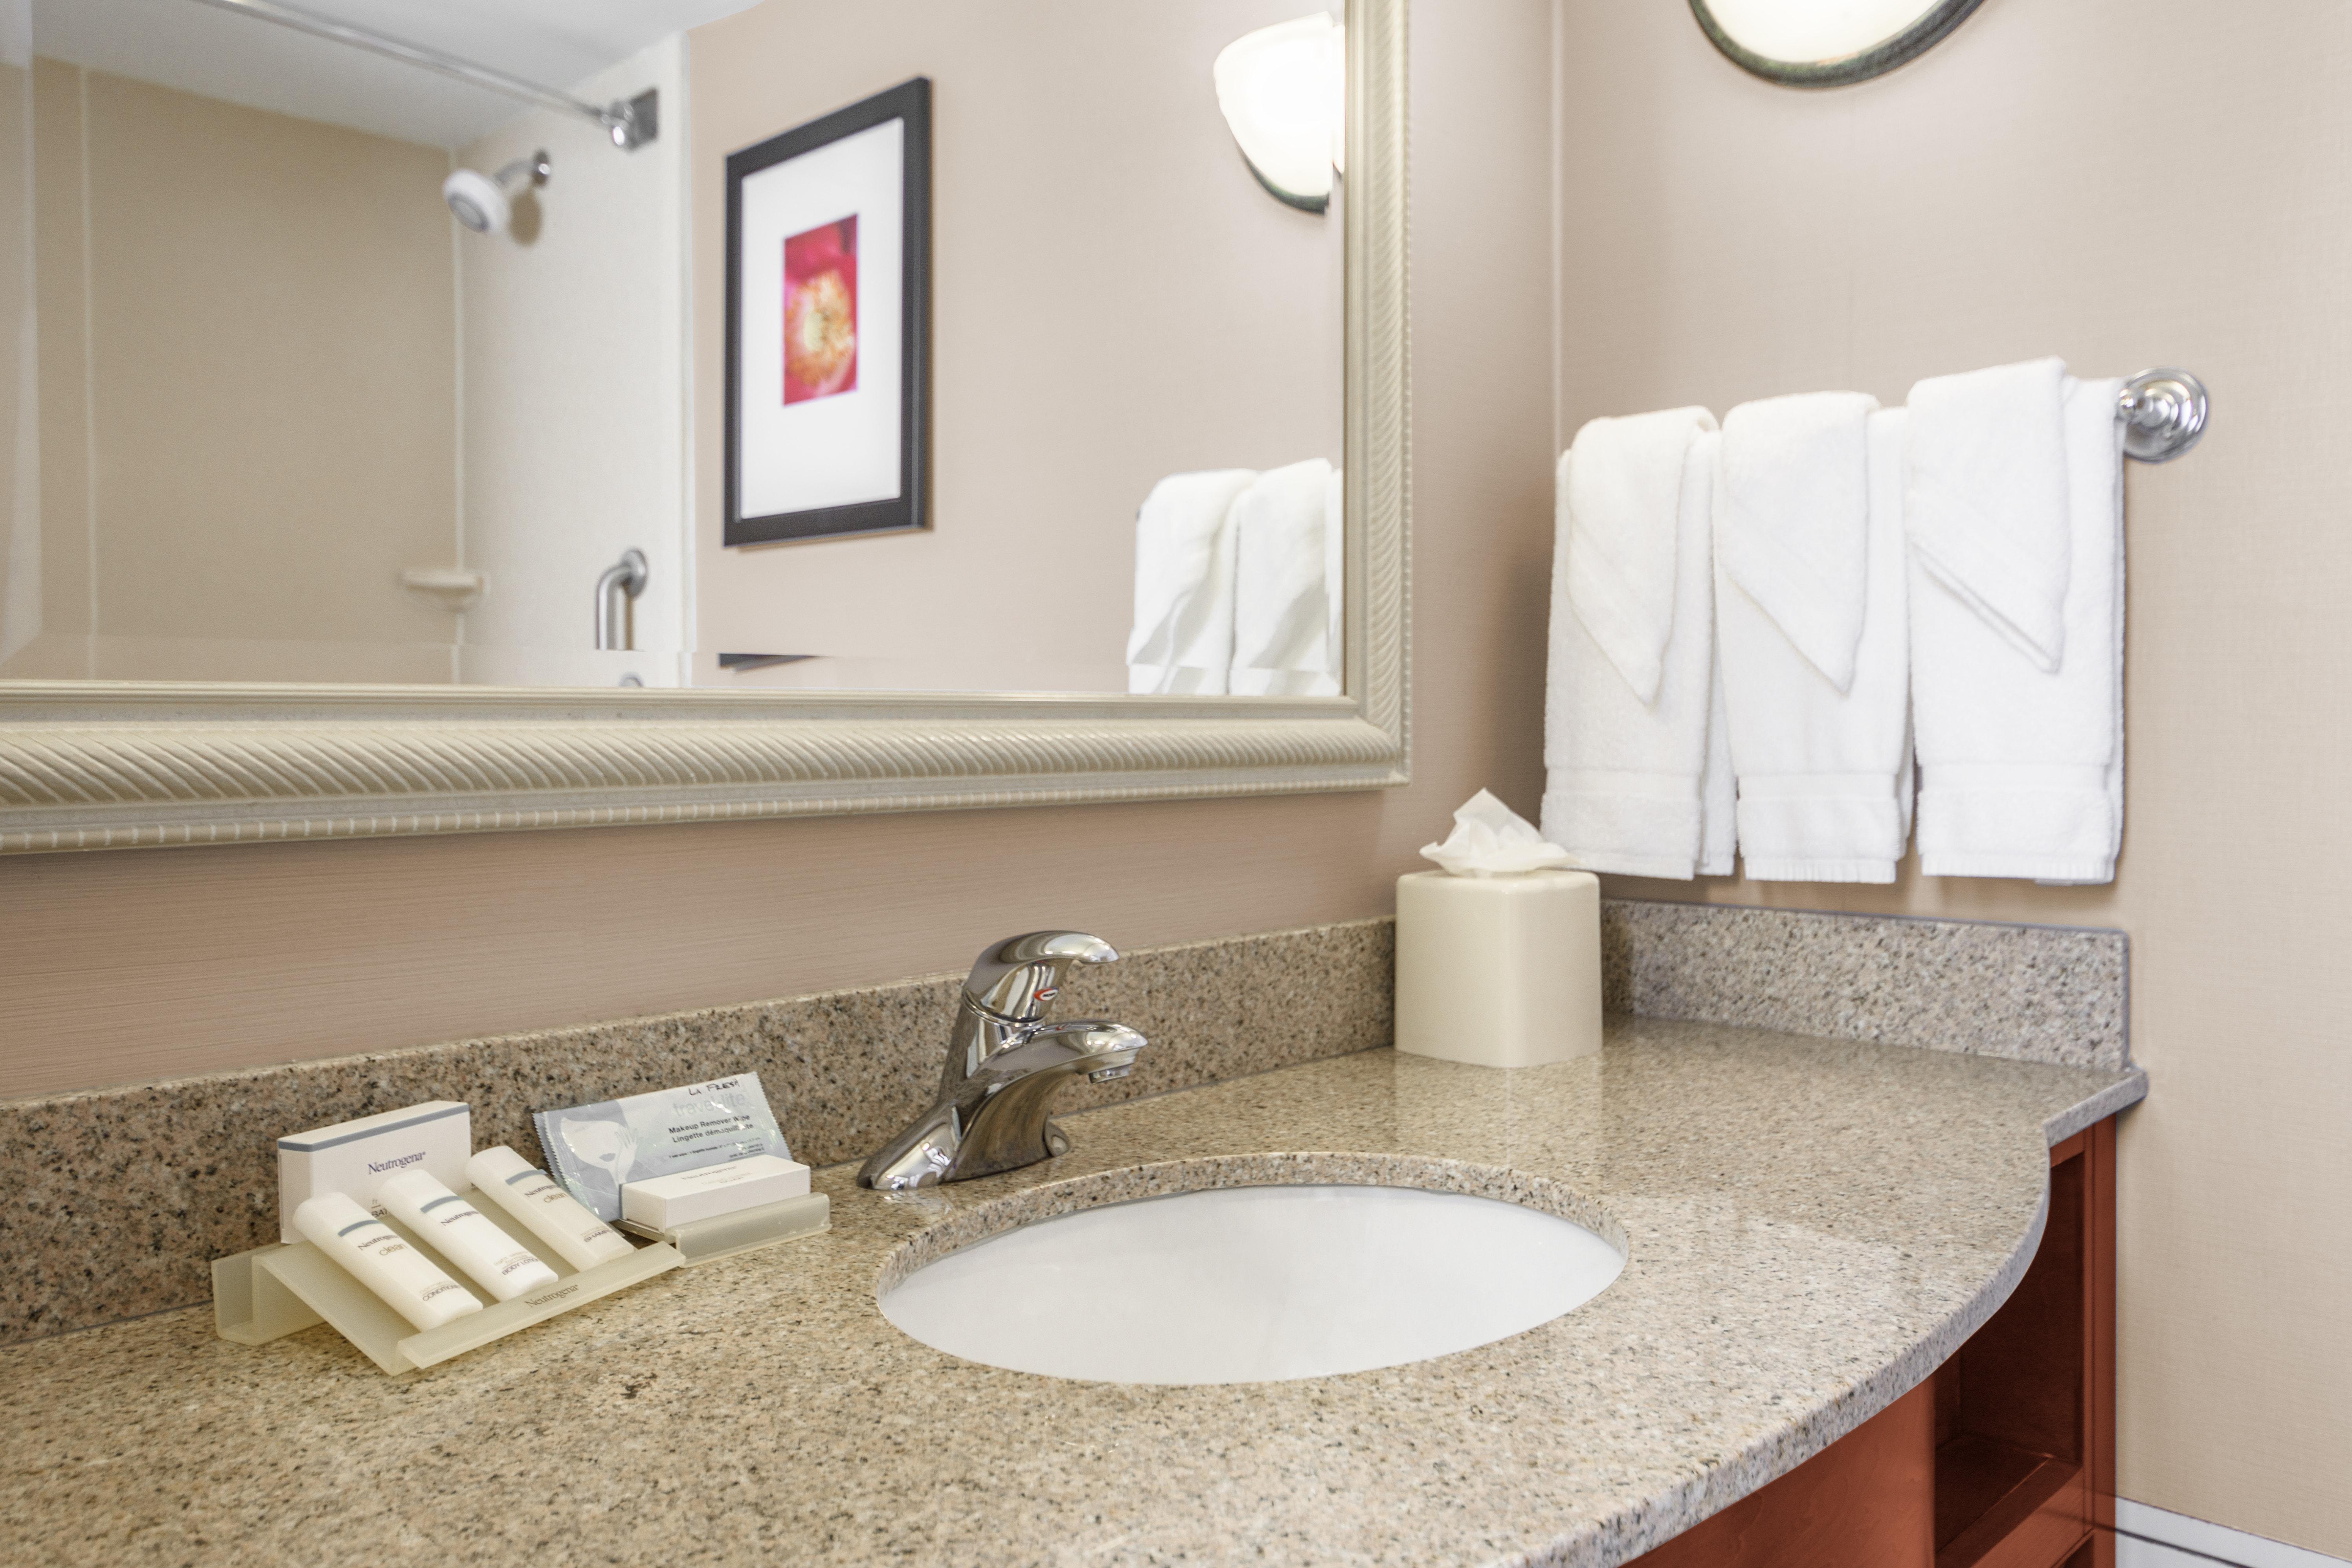 https://www.hotelsbyday.com/_data/default-hotel_image/3/16021/dsc-6576-hdra.jpg